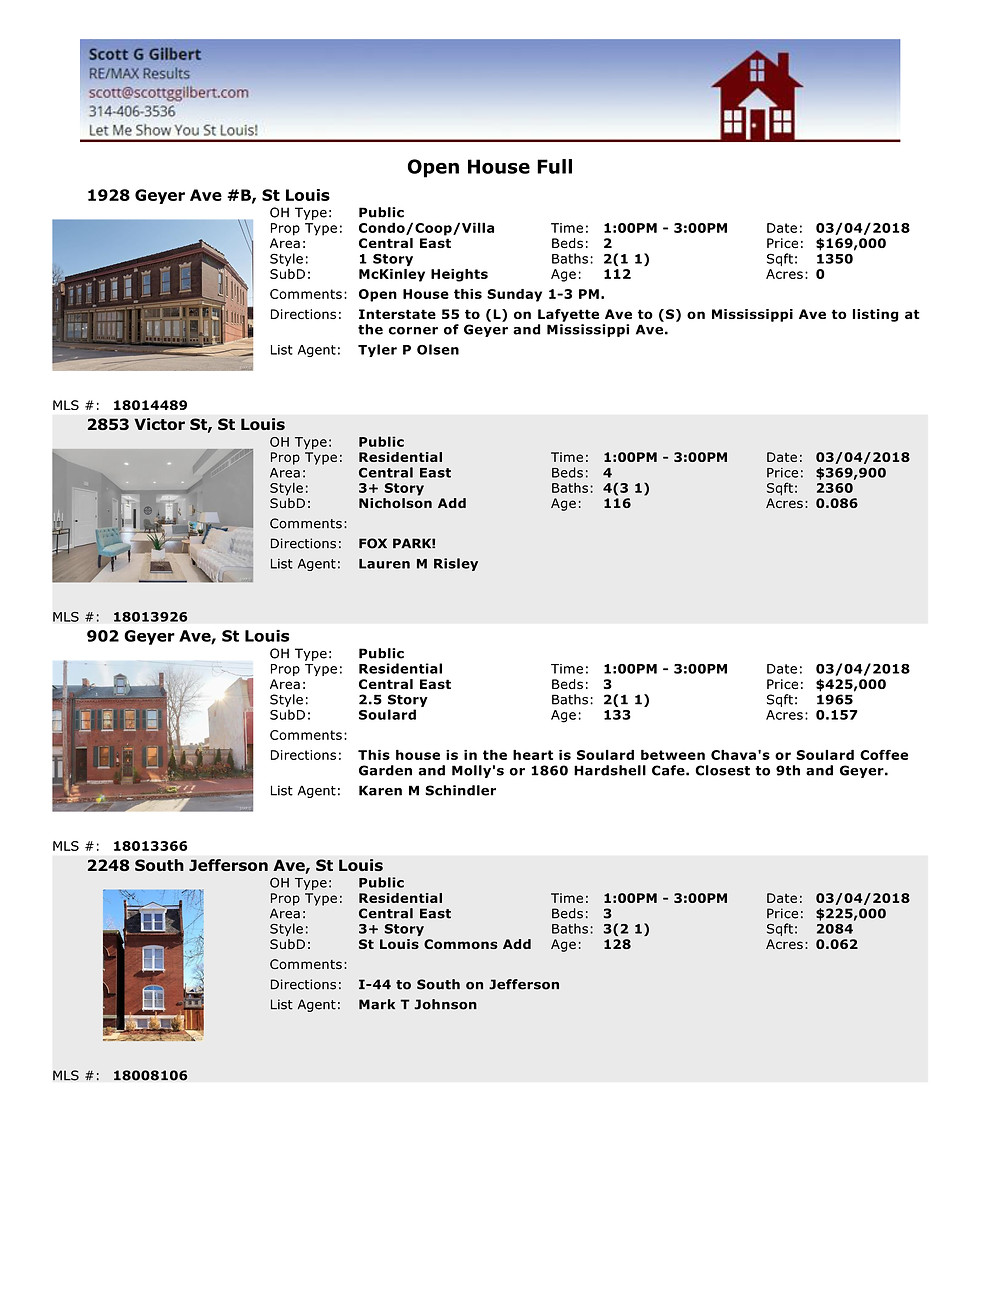 St Louis Open Houses 63104 www.stlouisliving.info